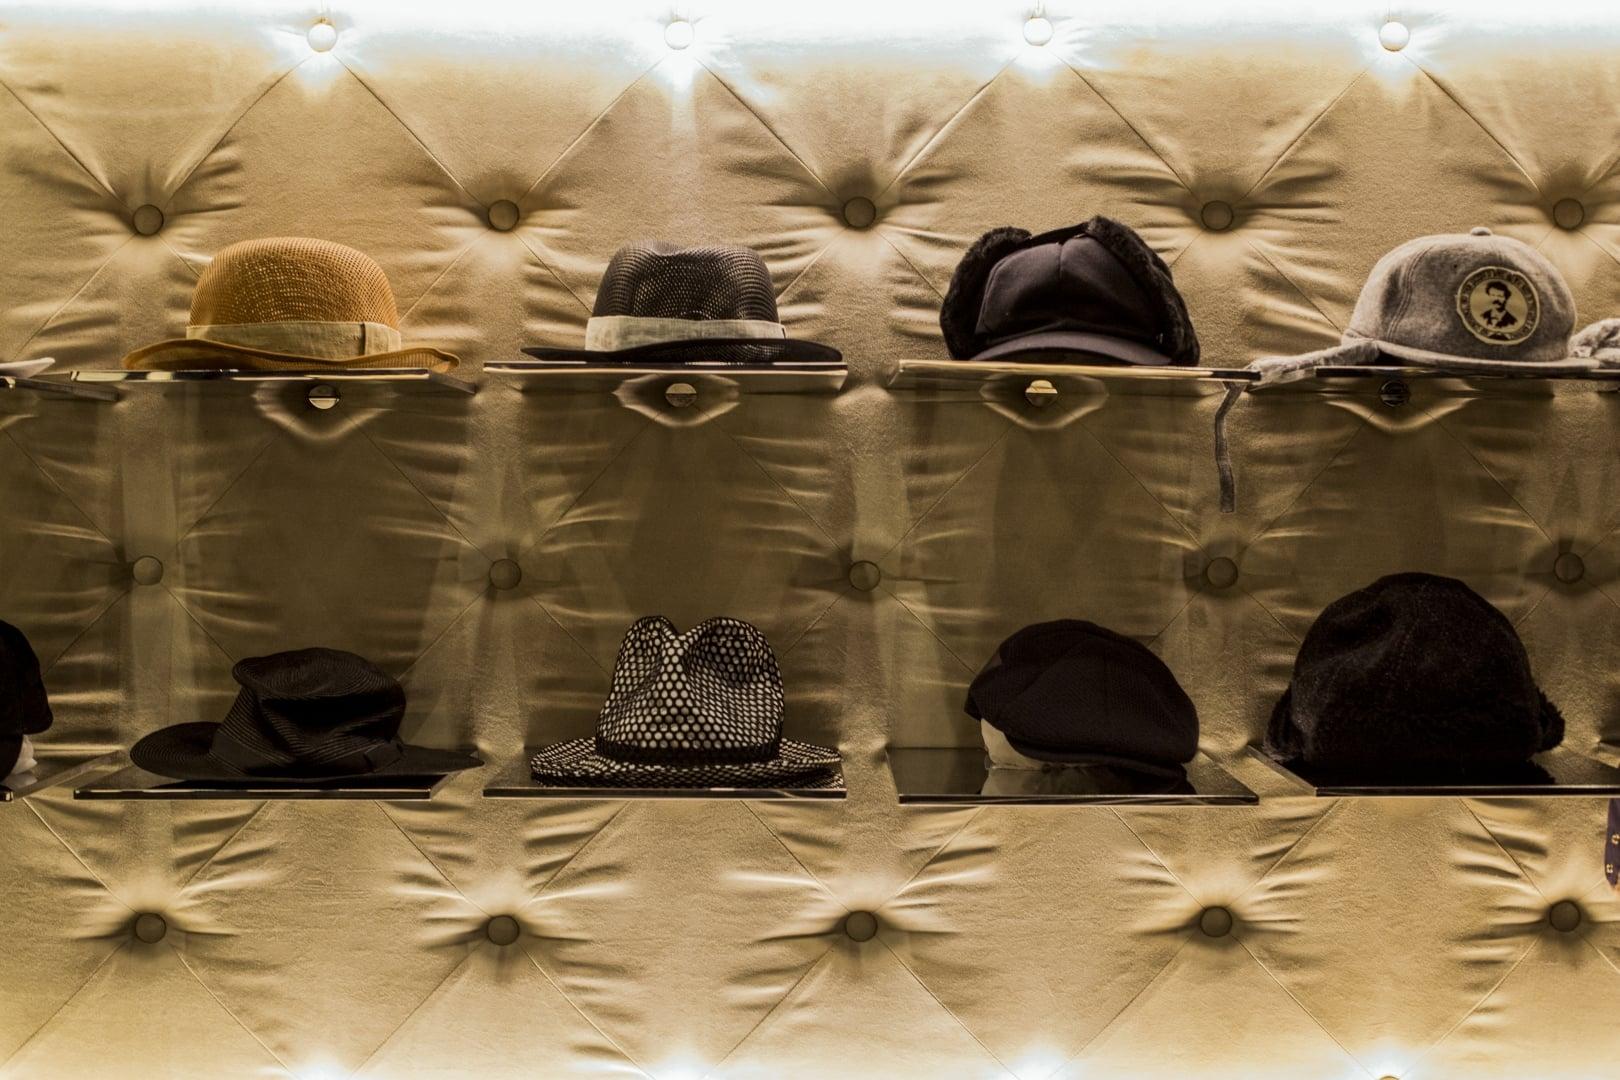 # HOTEL V 專訪:探索美好舒適的服裝聚落 16